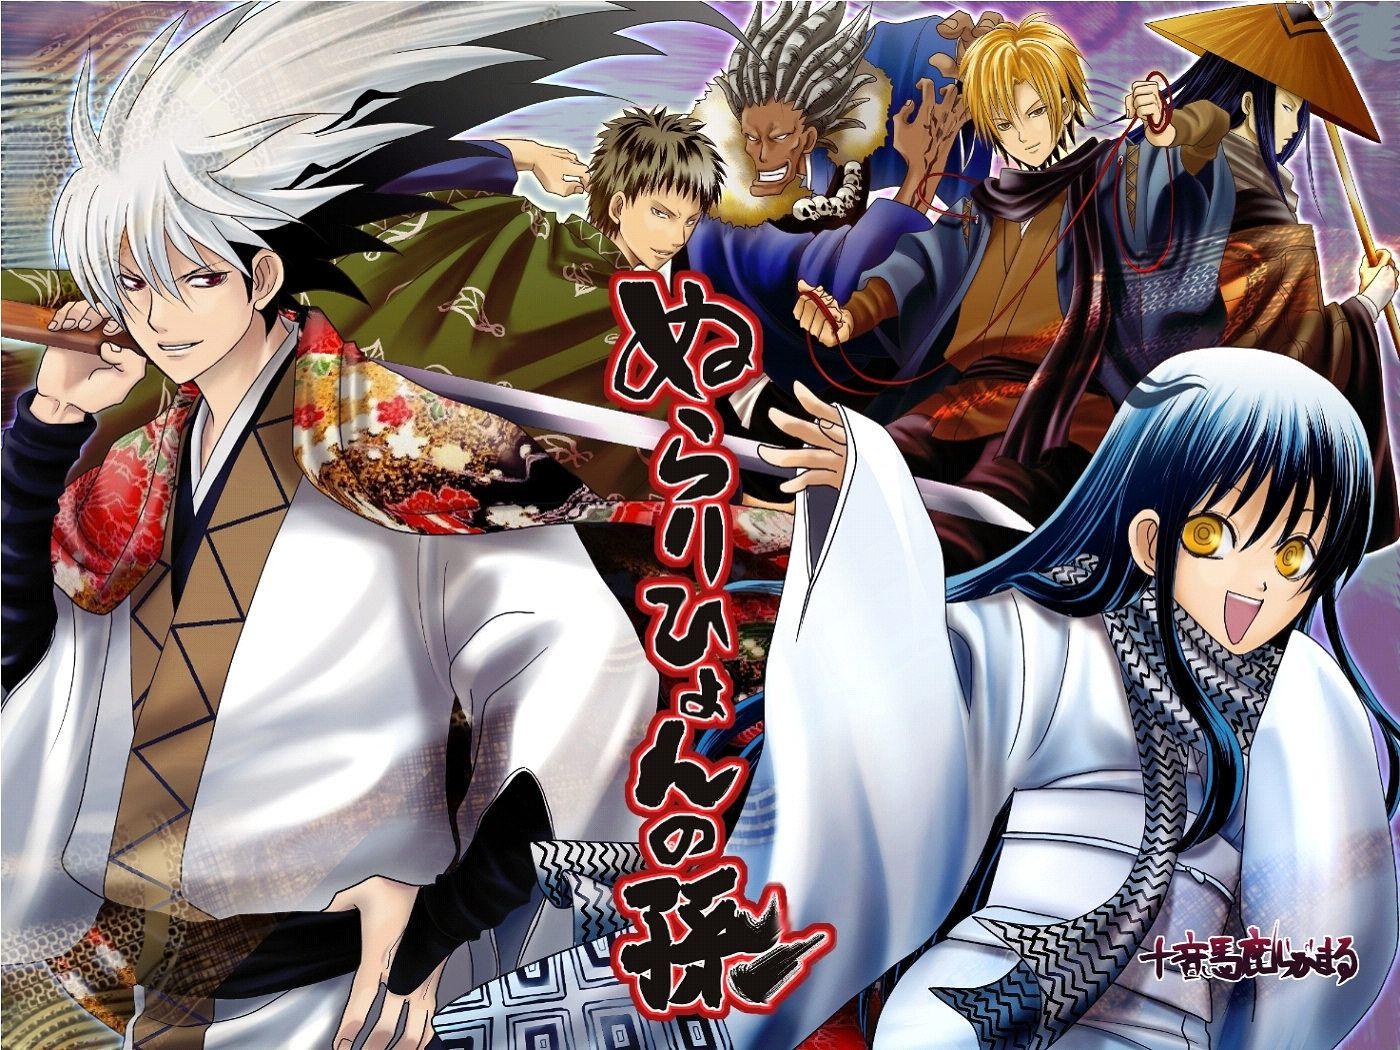 Nurarihyon No Mago Wallpapers Wallpaper Anime Manga Concept